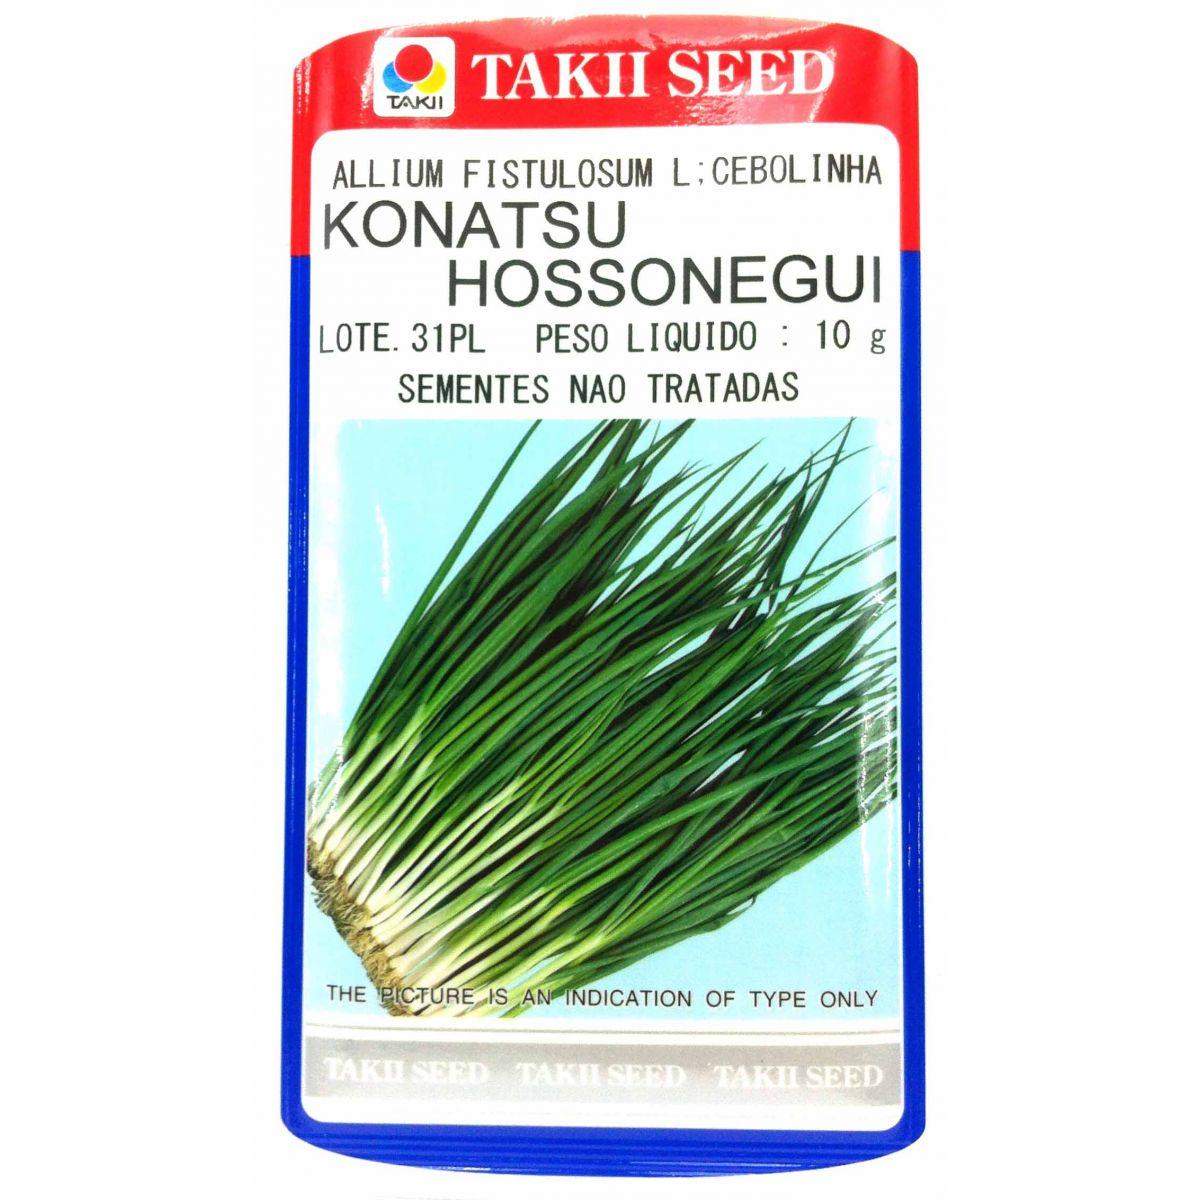 Sementes de Cebolinha Híbrida Konatsu HossoneguiI (fina) 10 g Takii Seed